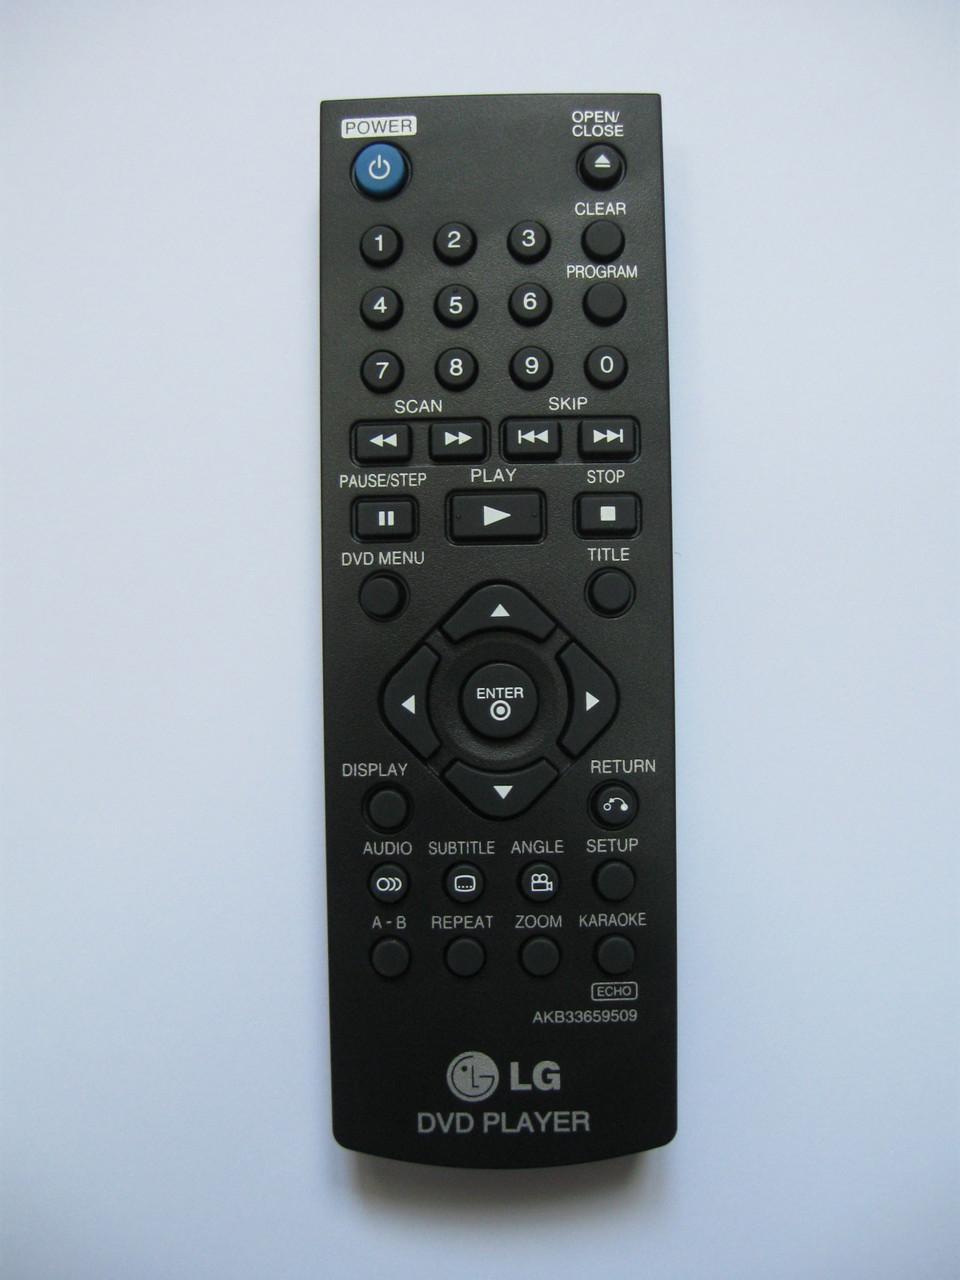 Пульт управления DVD плеера LG AKB33659509